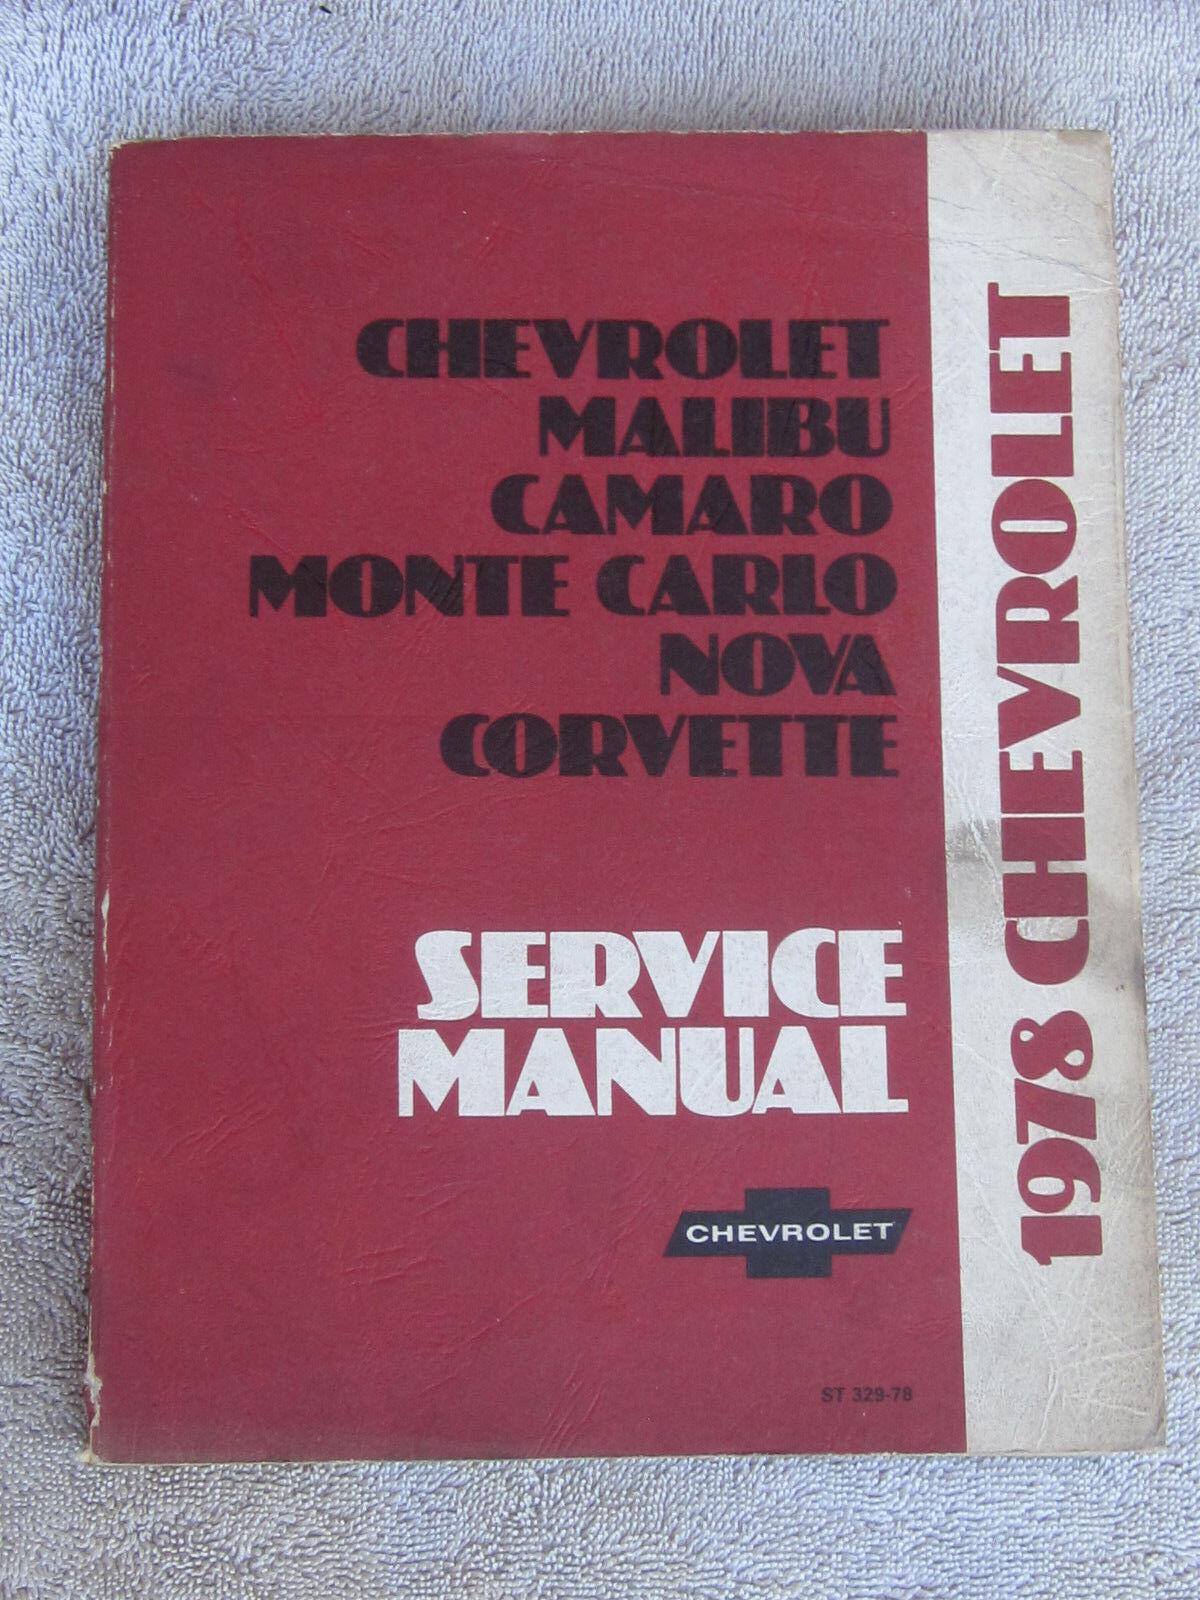 1978 Chevrolet Corvette Nova Monte Carlo Camaro Malibu Service Manual complete